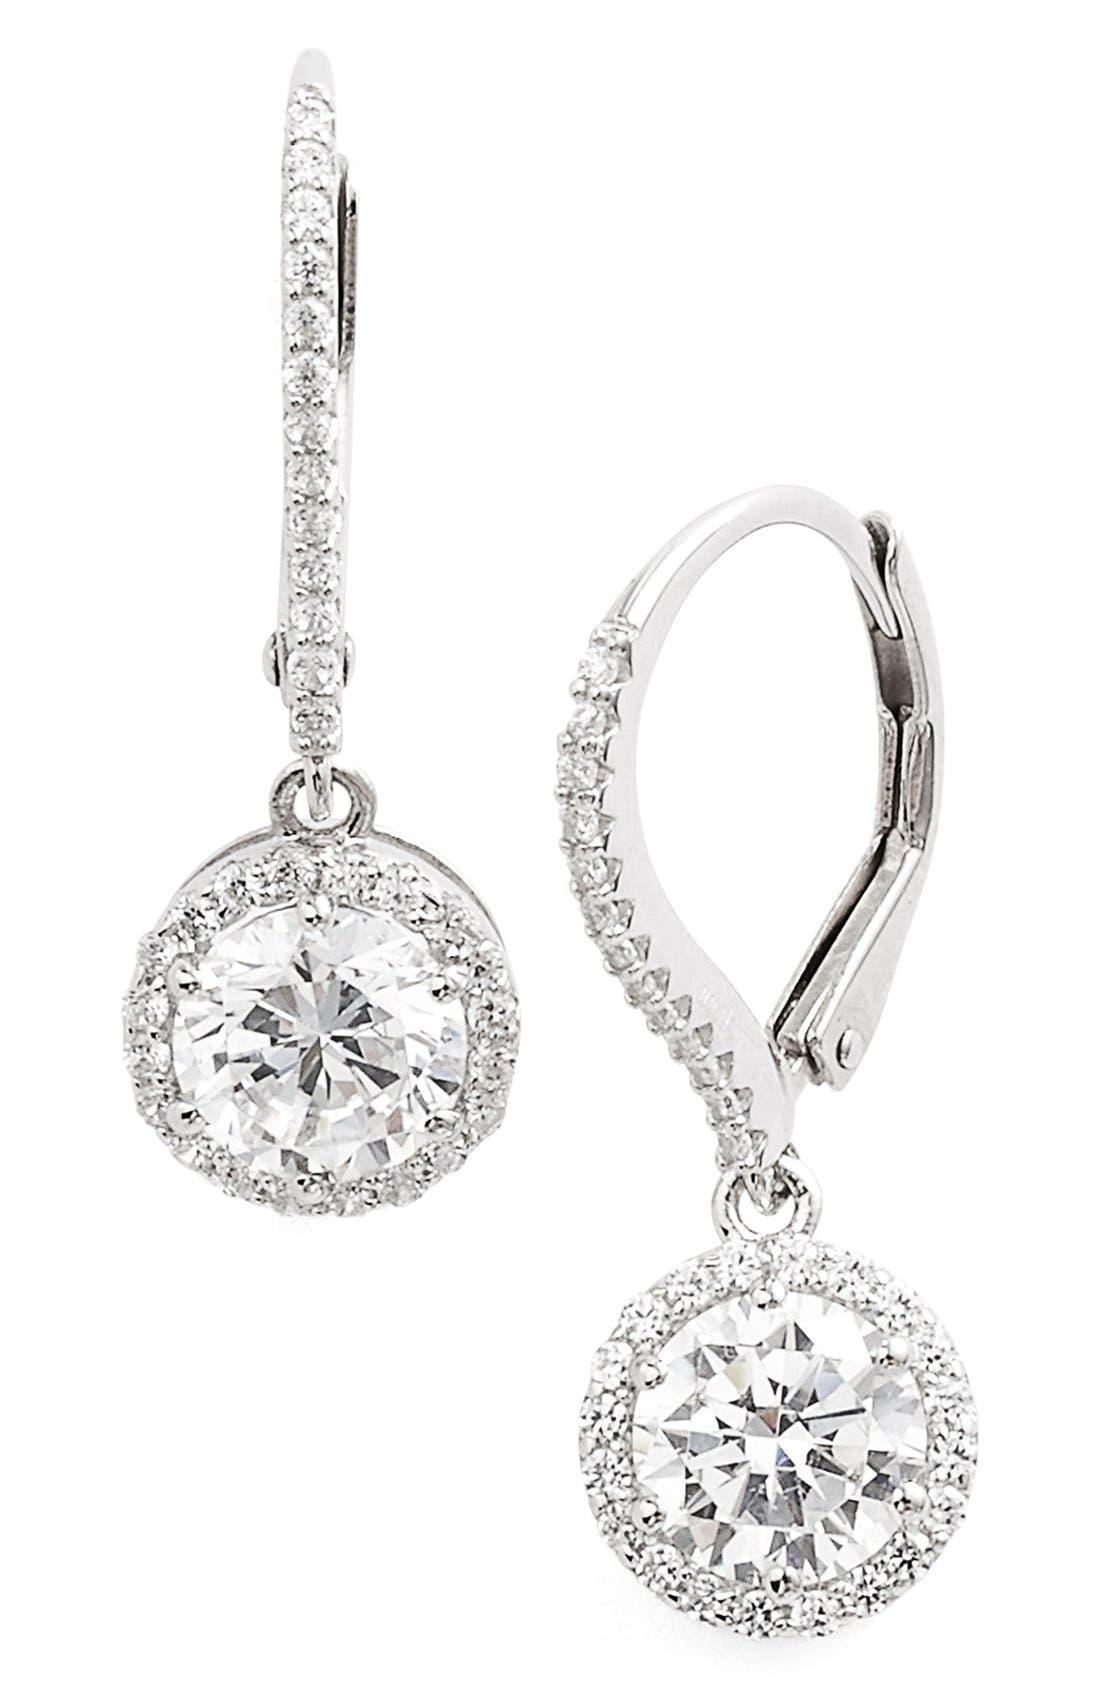 LAFONN 'Lassaire' Drop Earrings